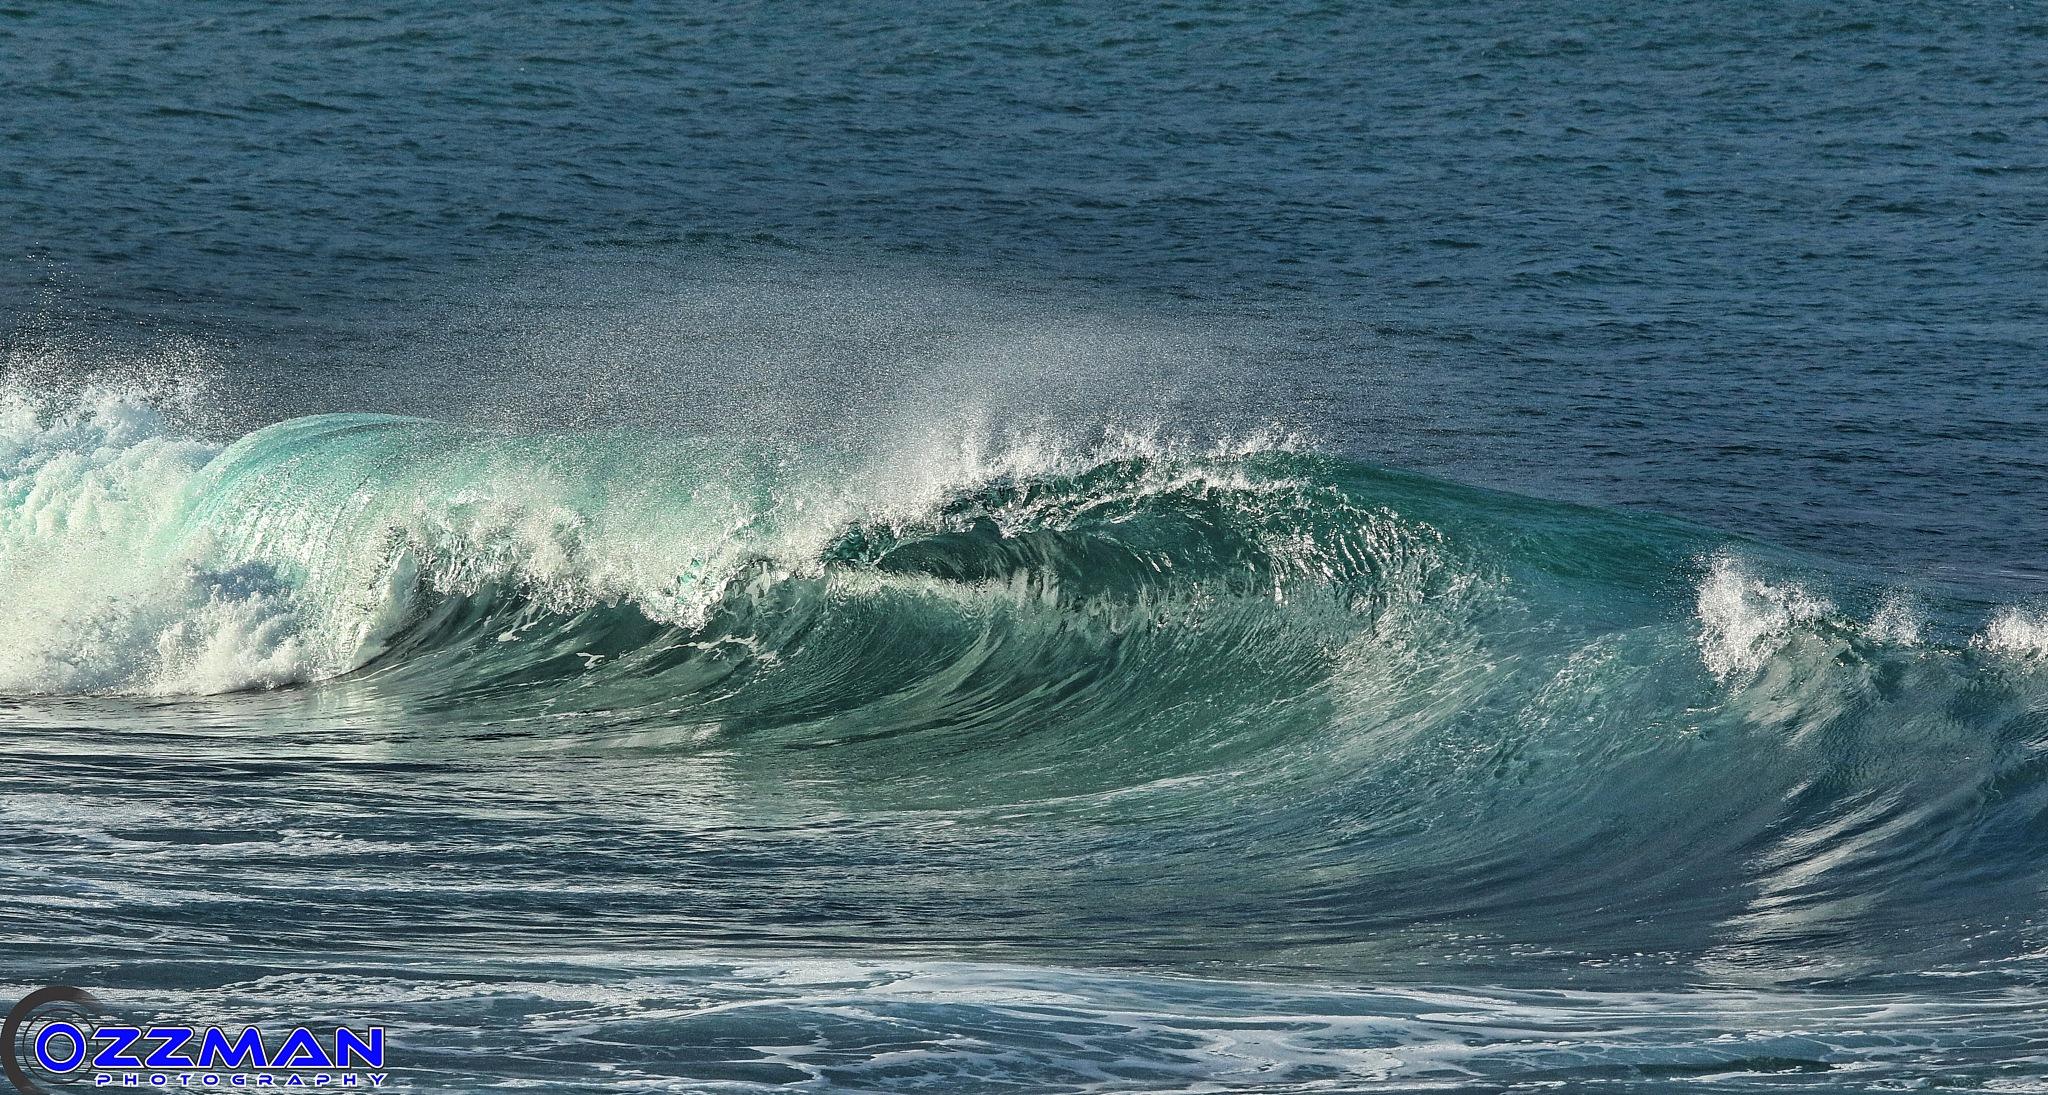 Wave by Ozzy Osborne